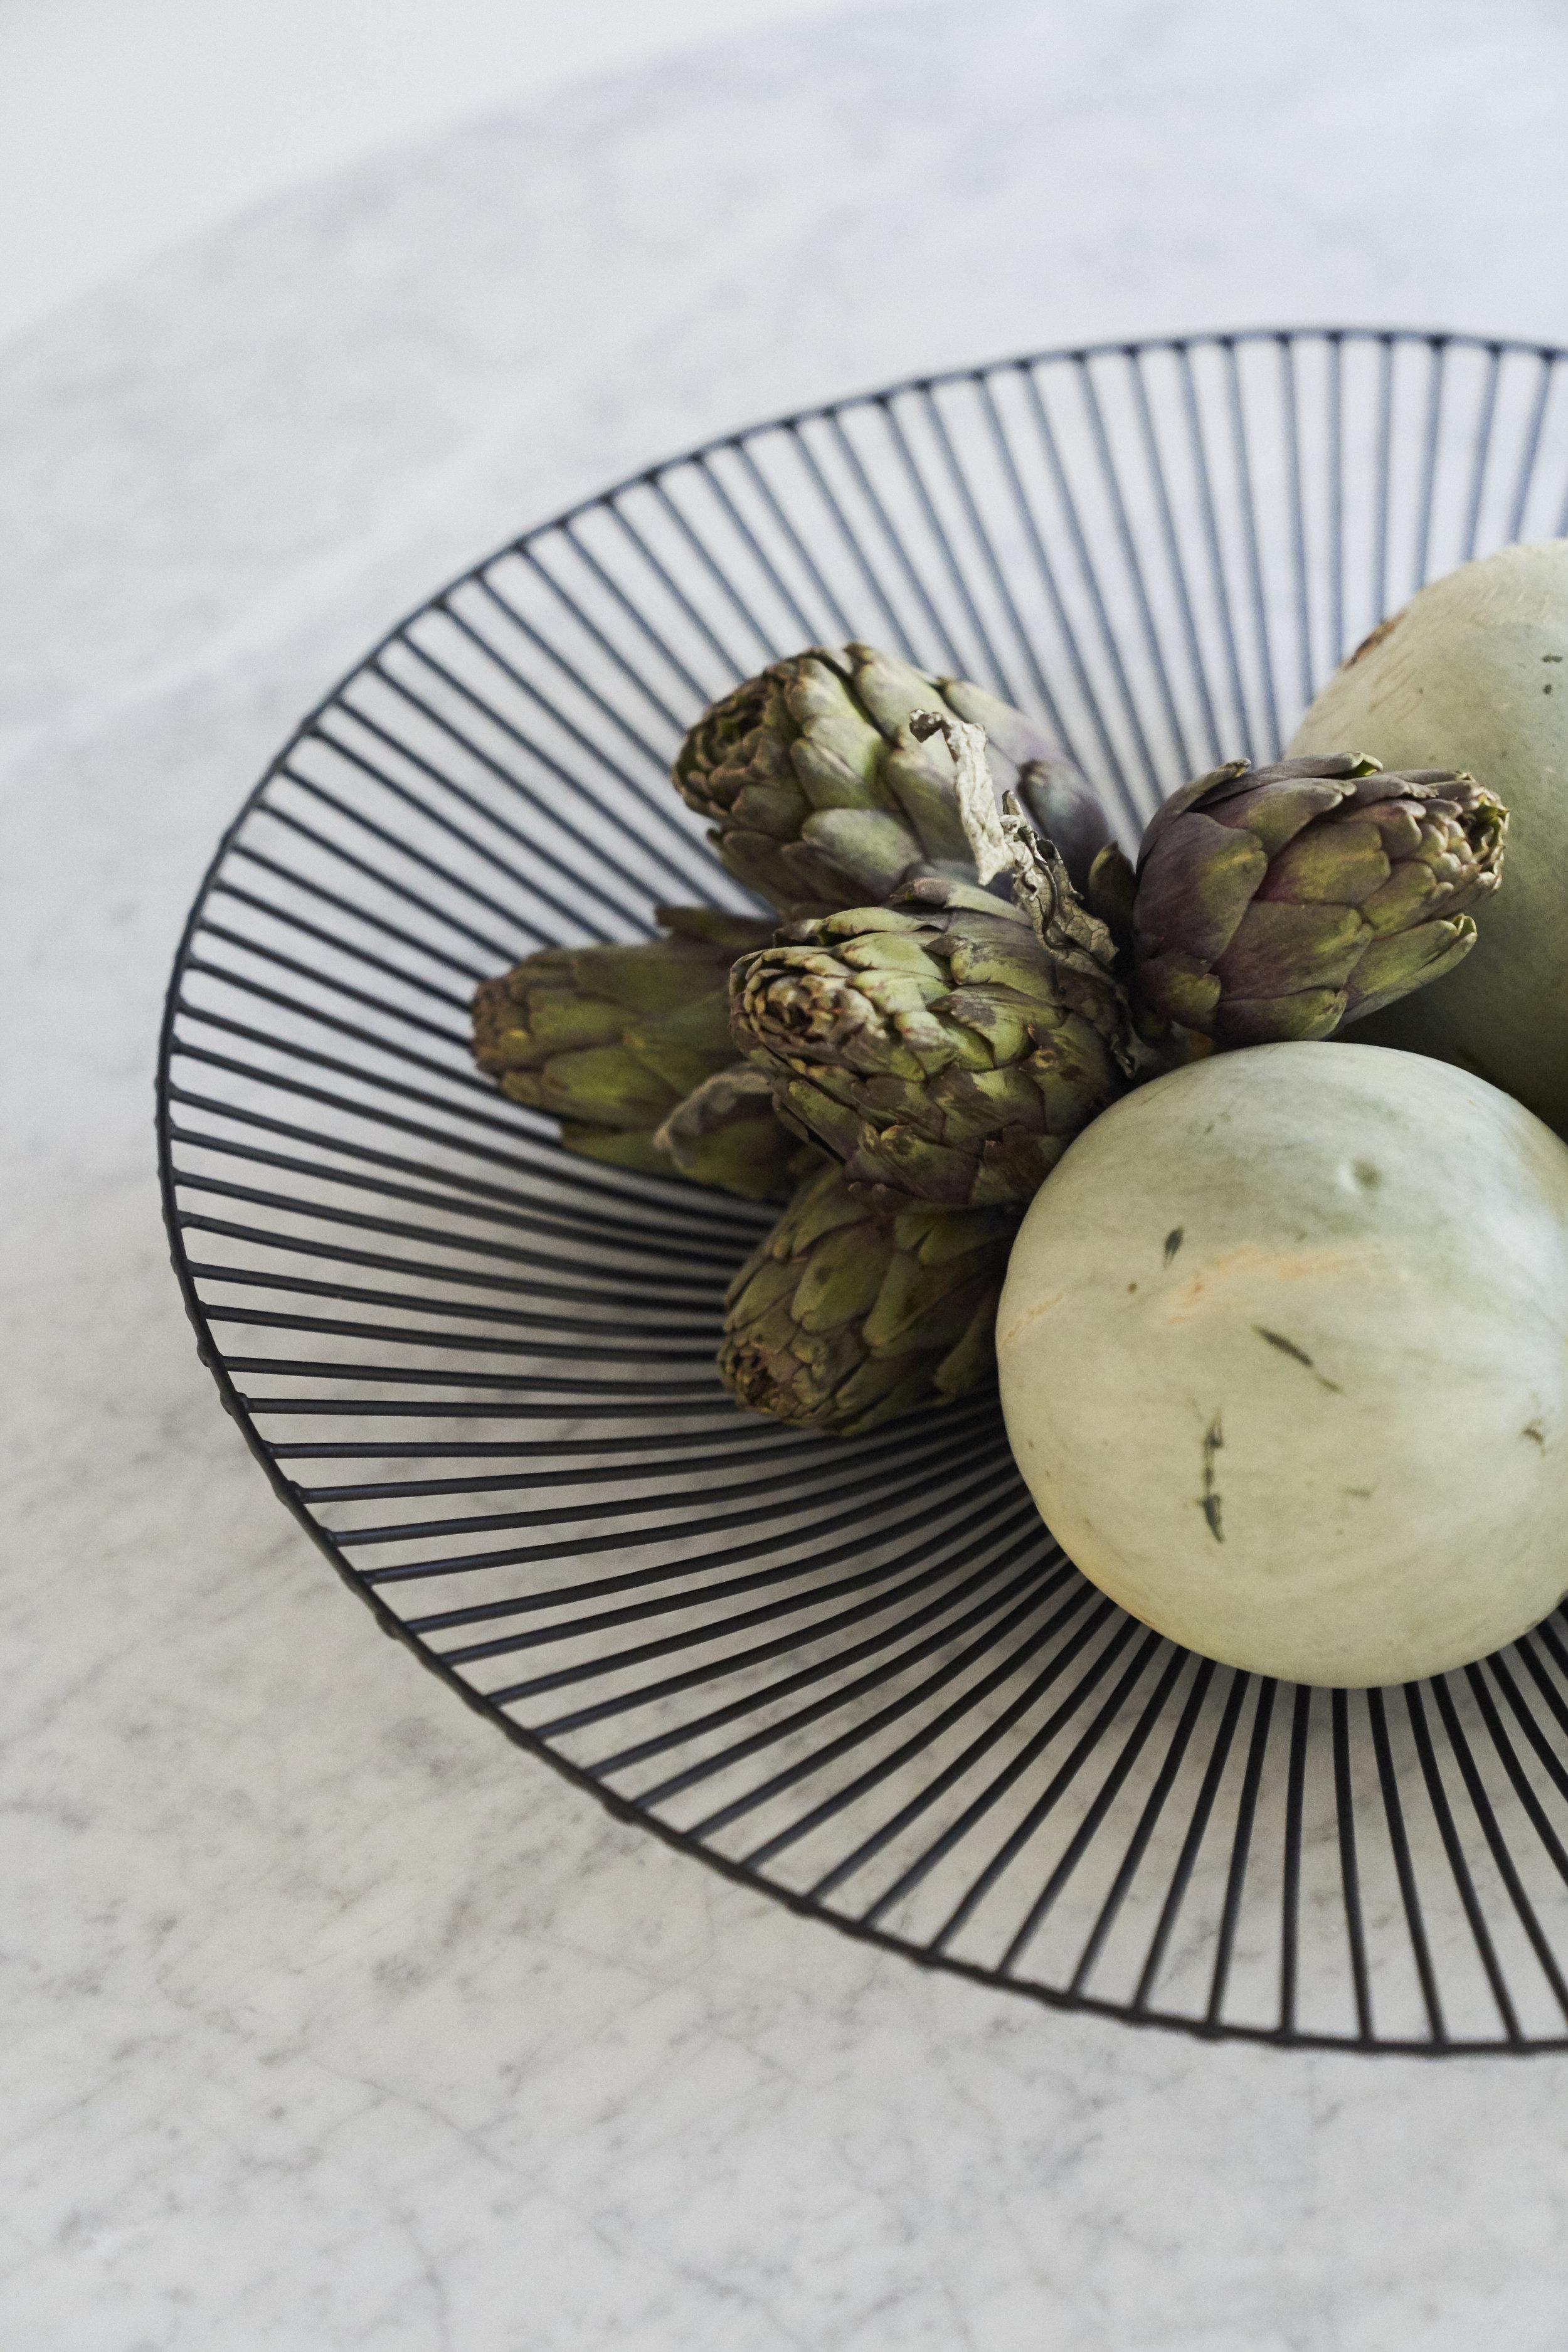 Interior Design. A bowl